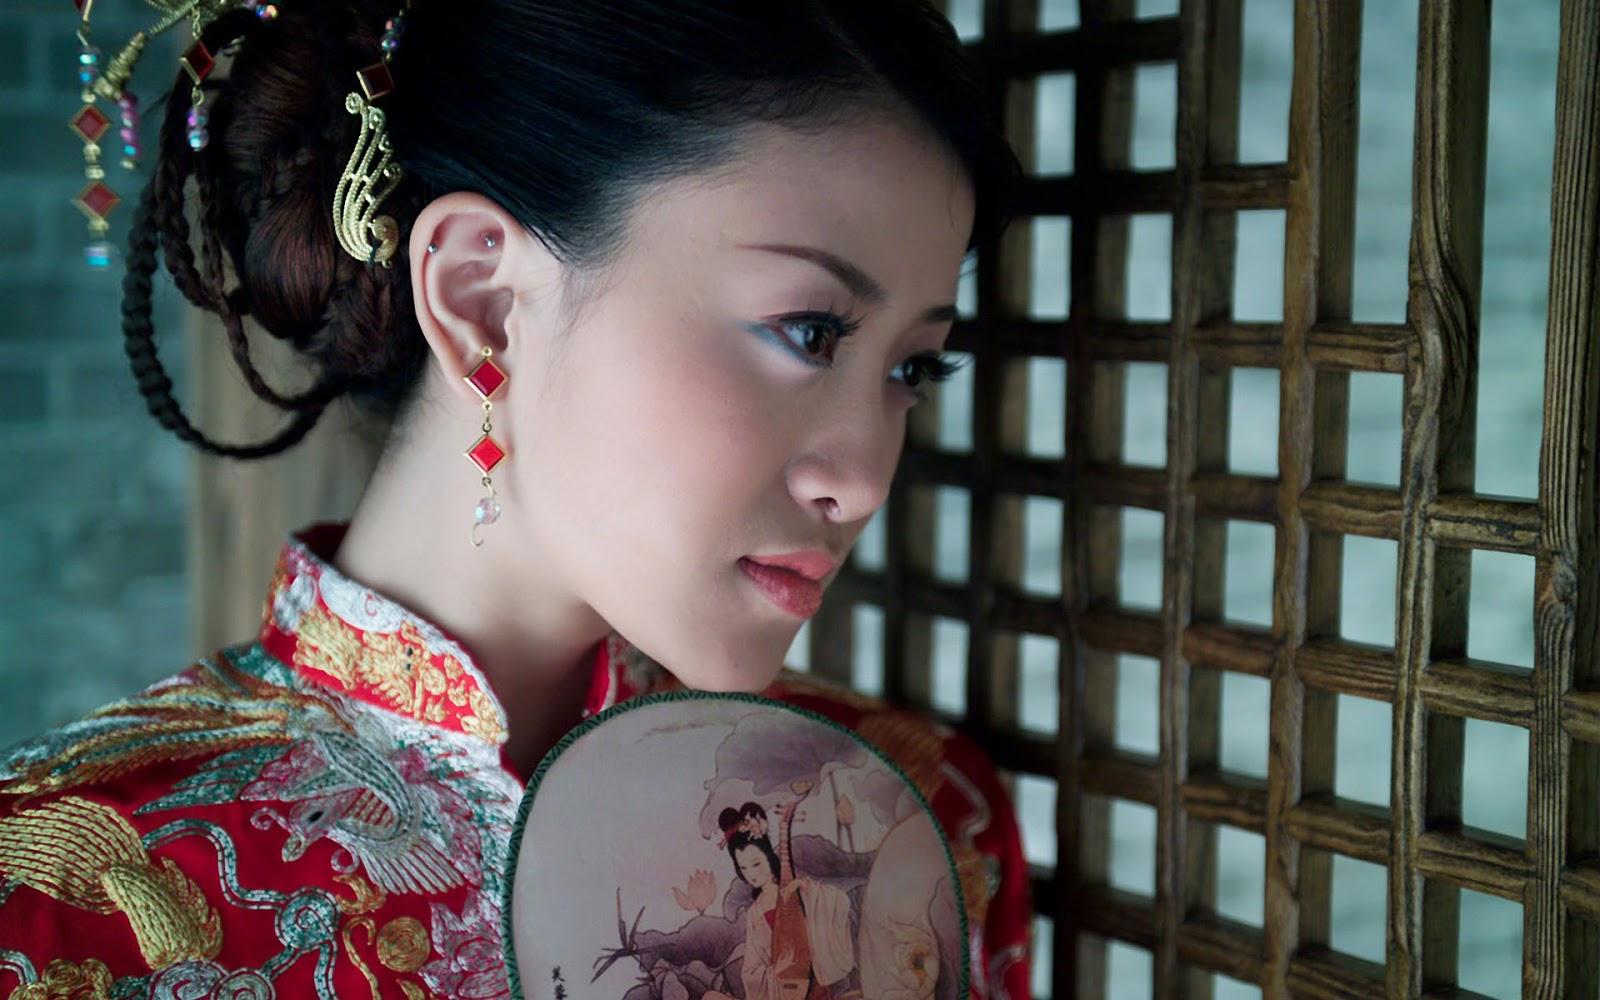 http://1.bp.blogspot.com/-kx5VNXNBtPE/UPWMVss_VVI/AAAAAAAACBg/0sgPiNnsedo/s1600/Free+China+Girl+Wallpaper.jpg